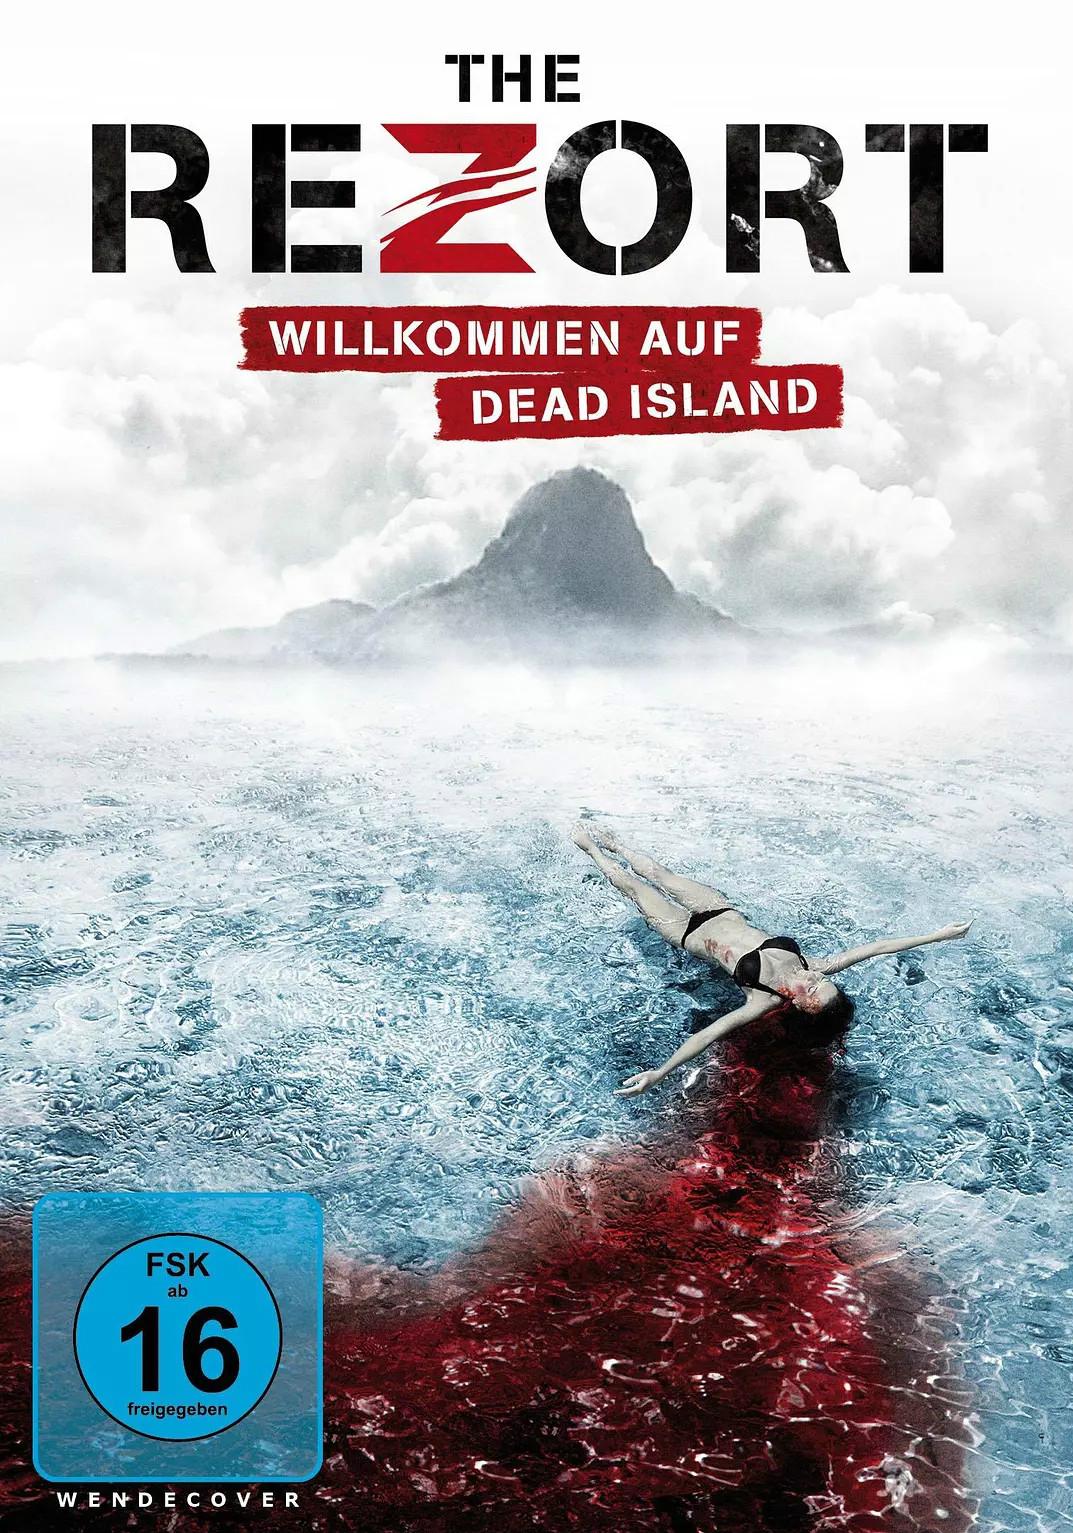 《逃亡殭屍岛》  高清在线观看_完整版迅雷下载